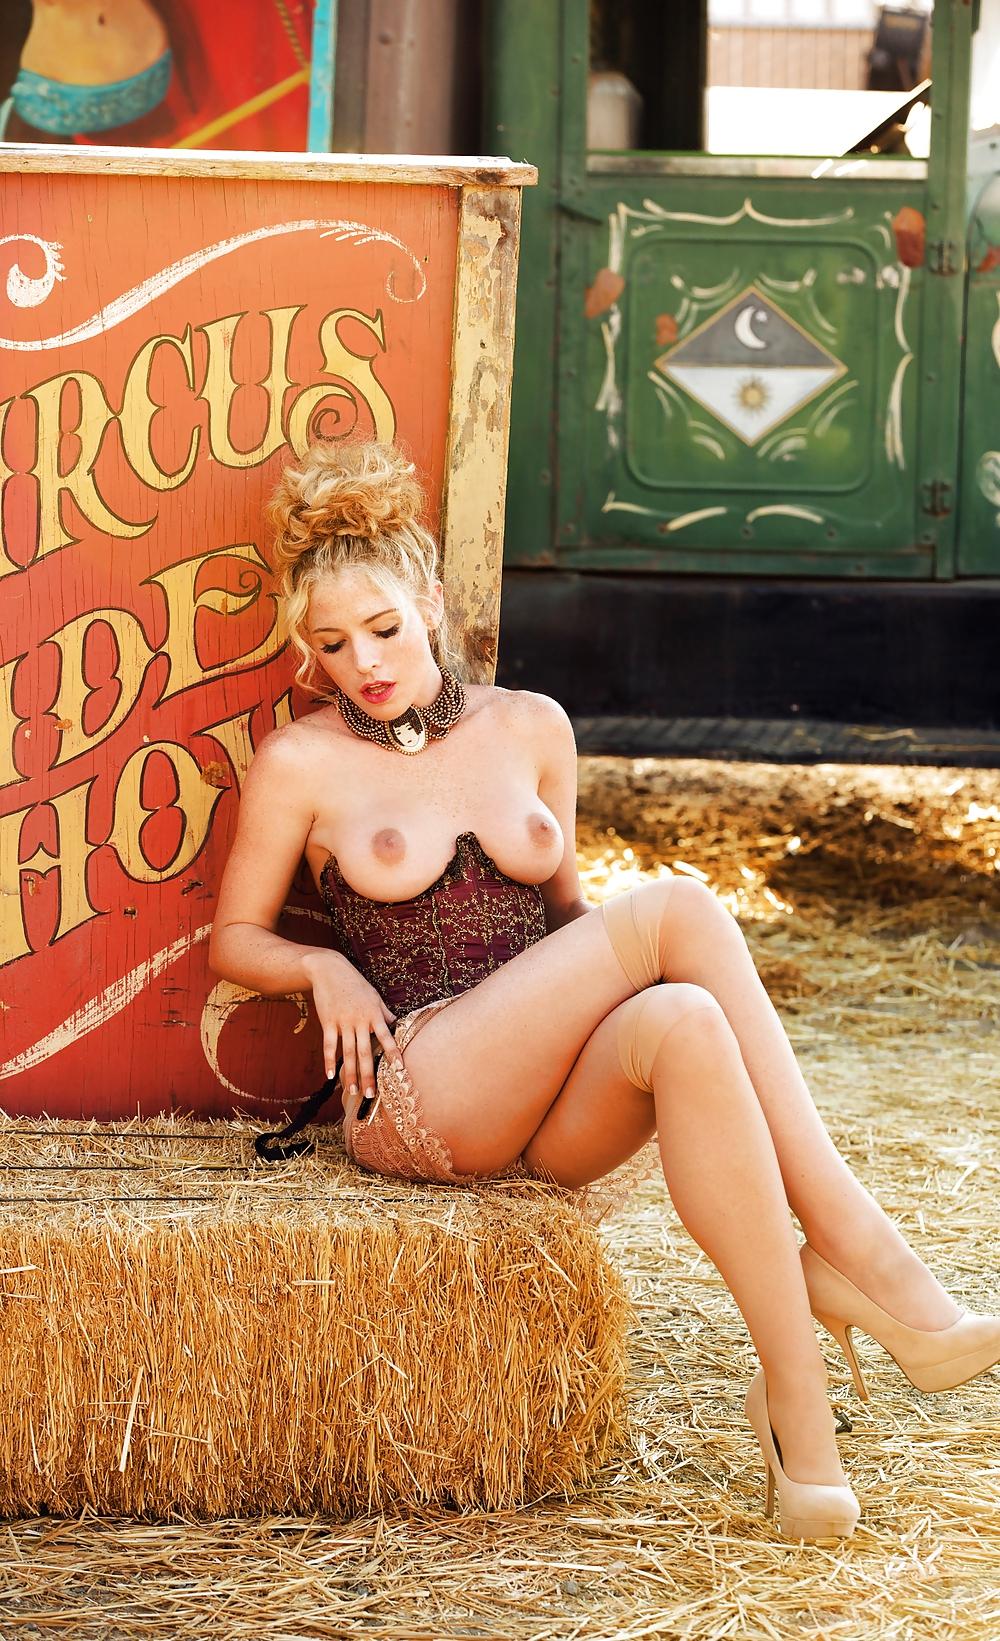 Эротические циркачки фото, фото пизды влагалище бьянка